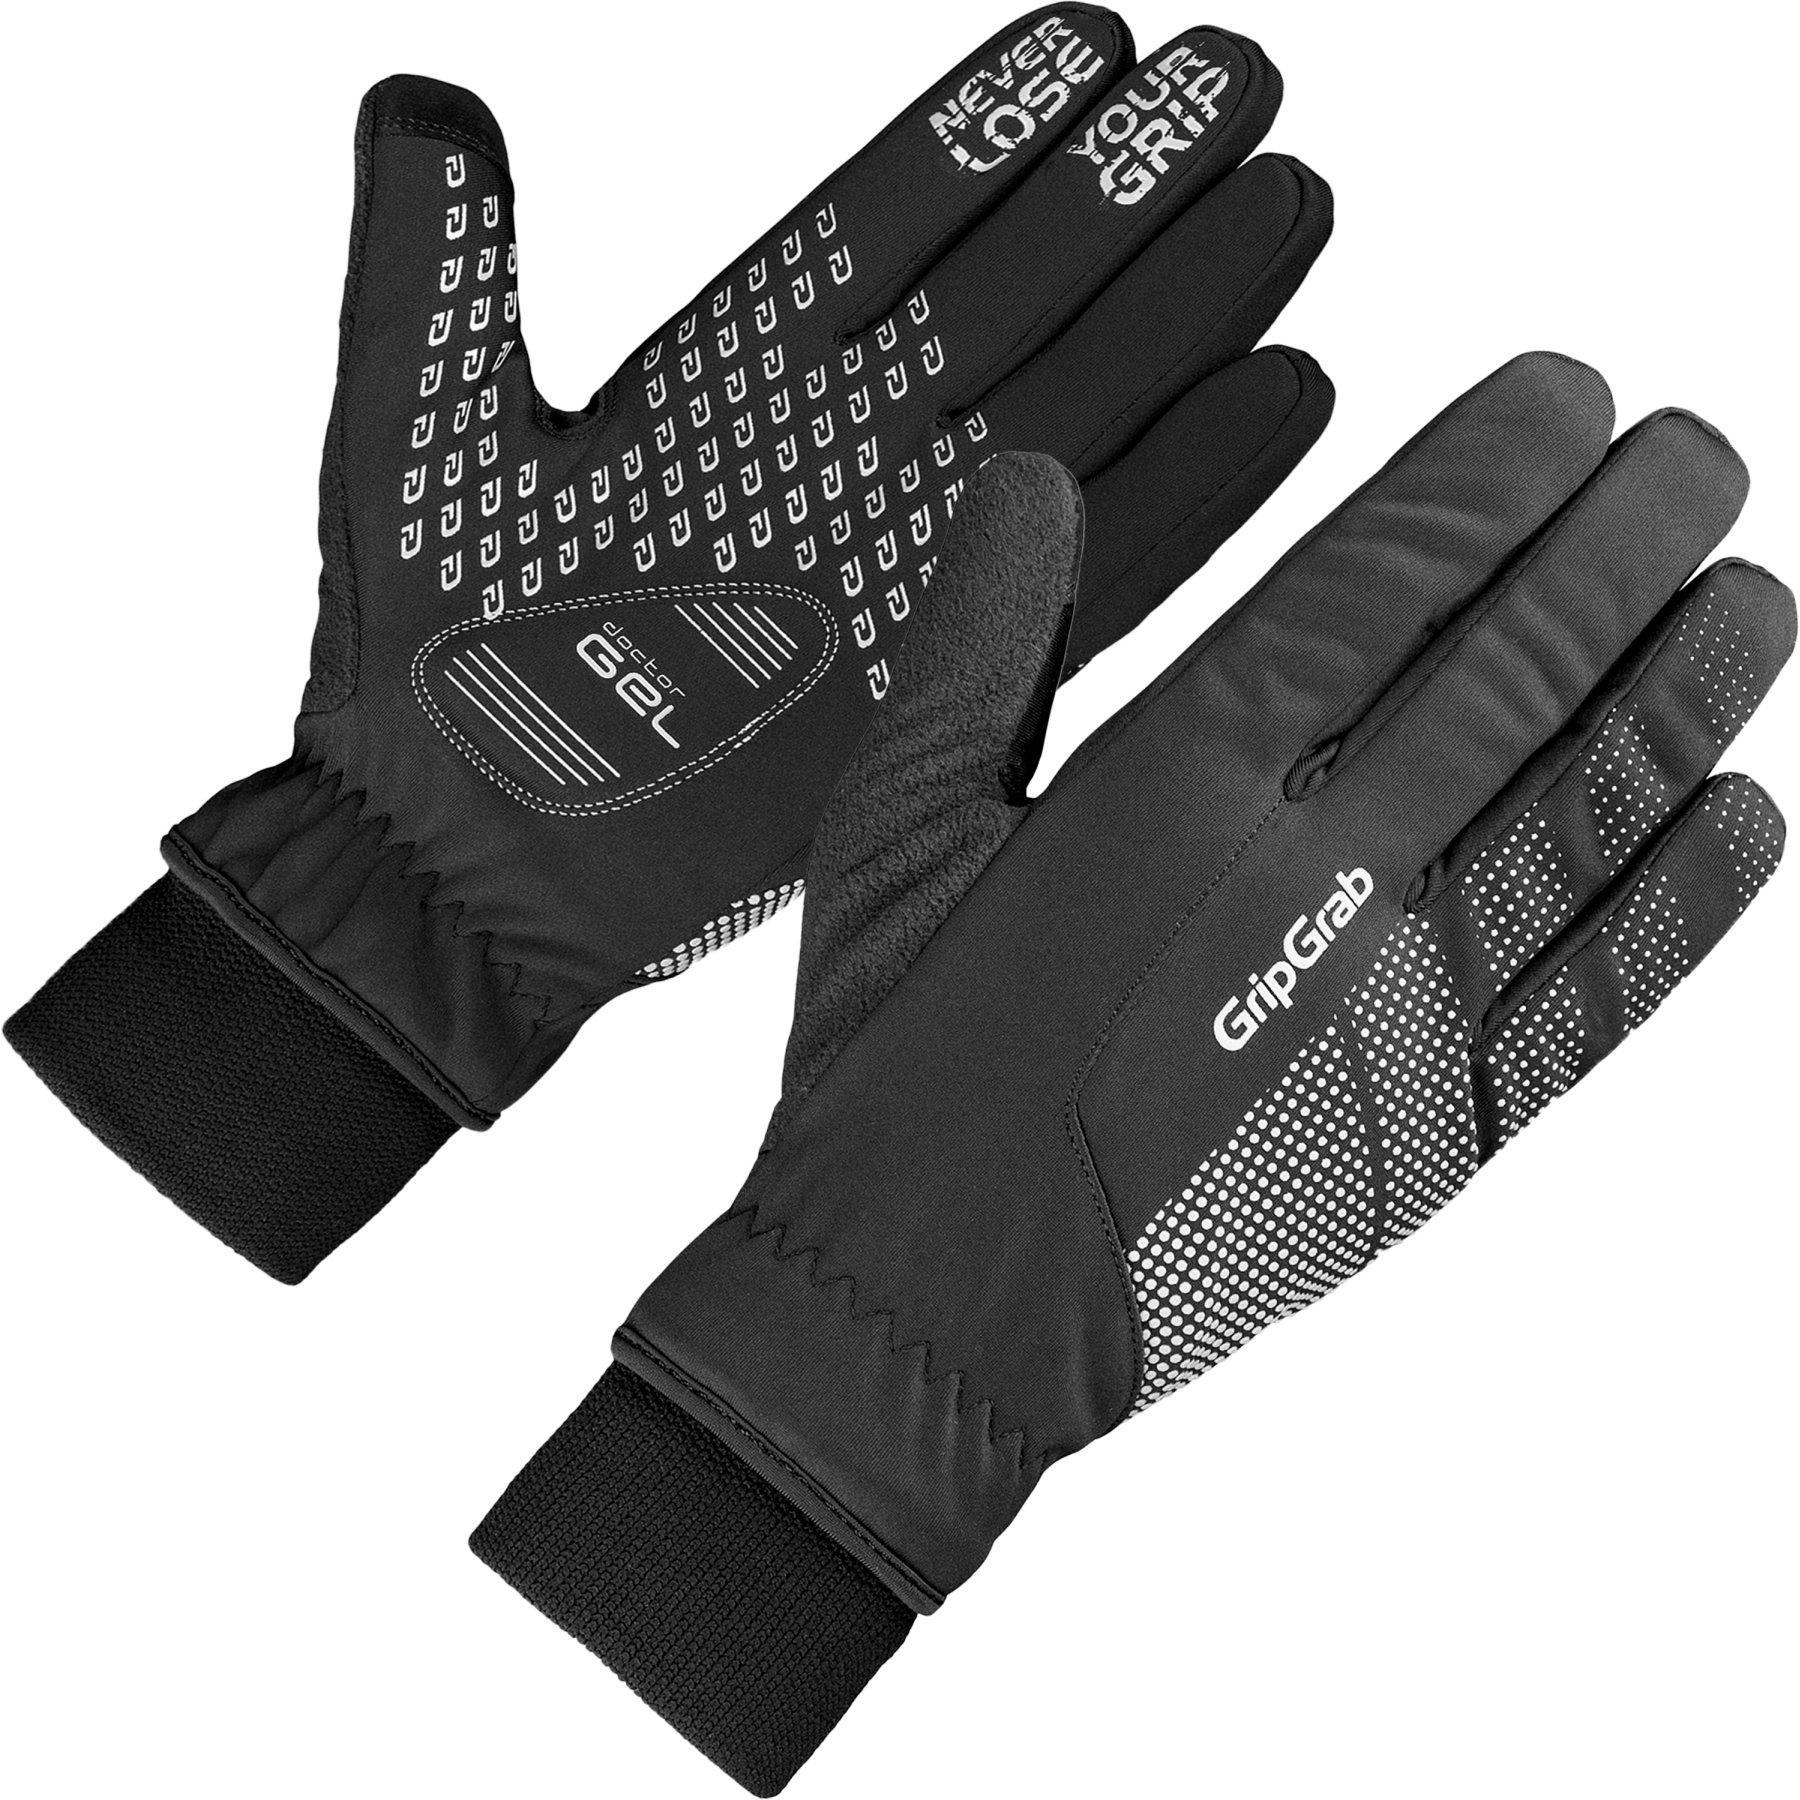 Produktbild von GripGrab Ride Winddichter Winter Handschuh - Black